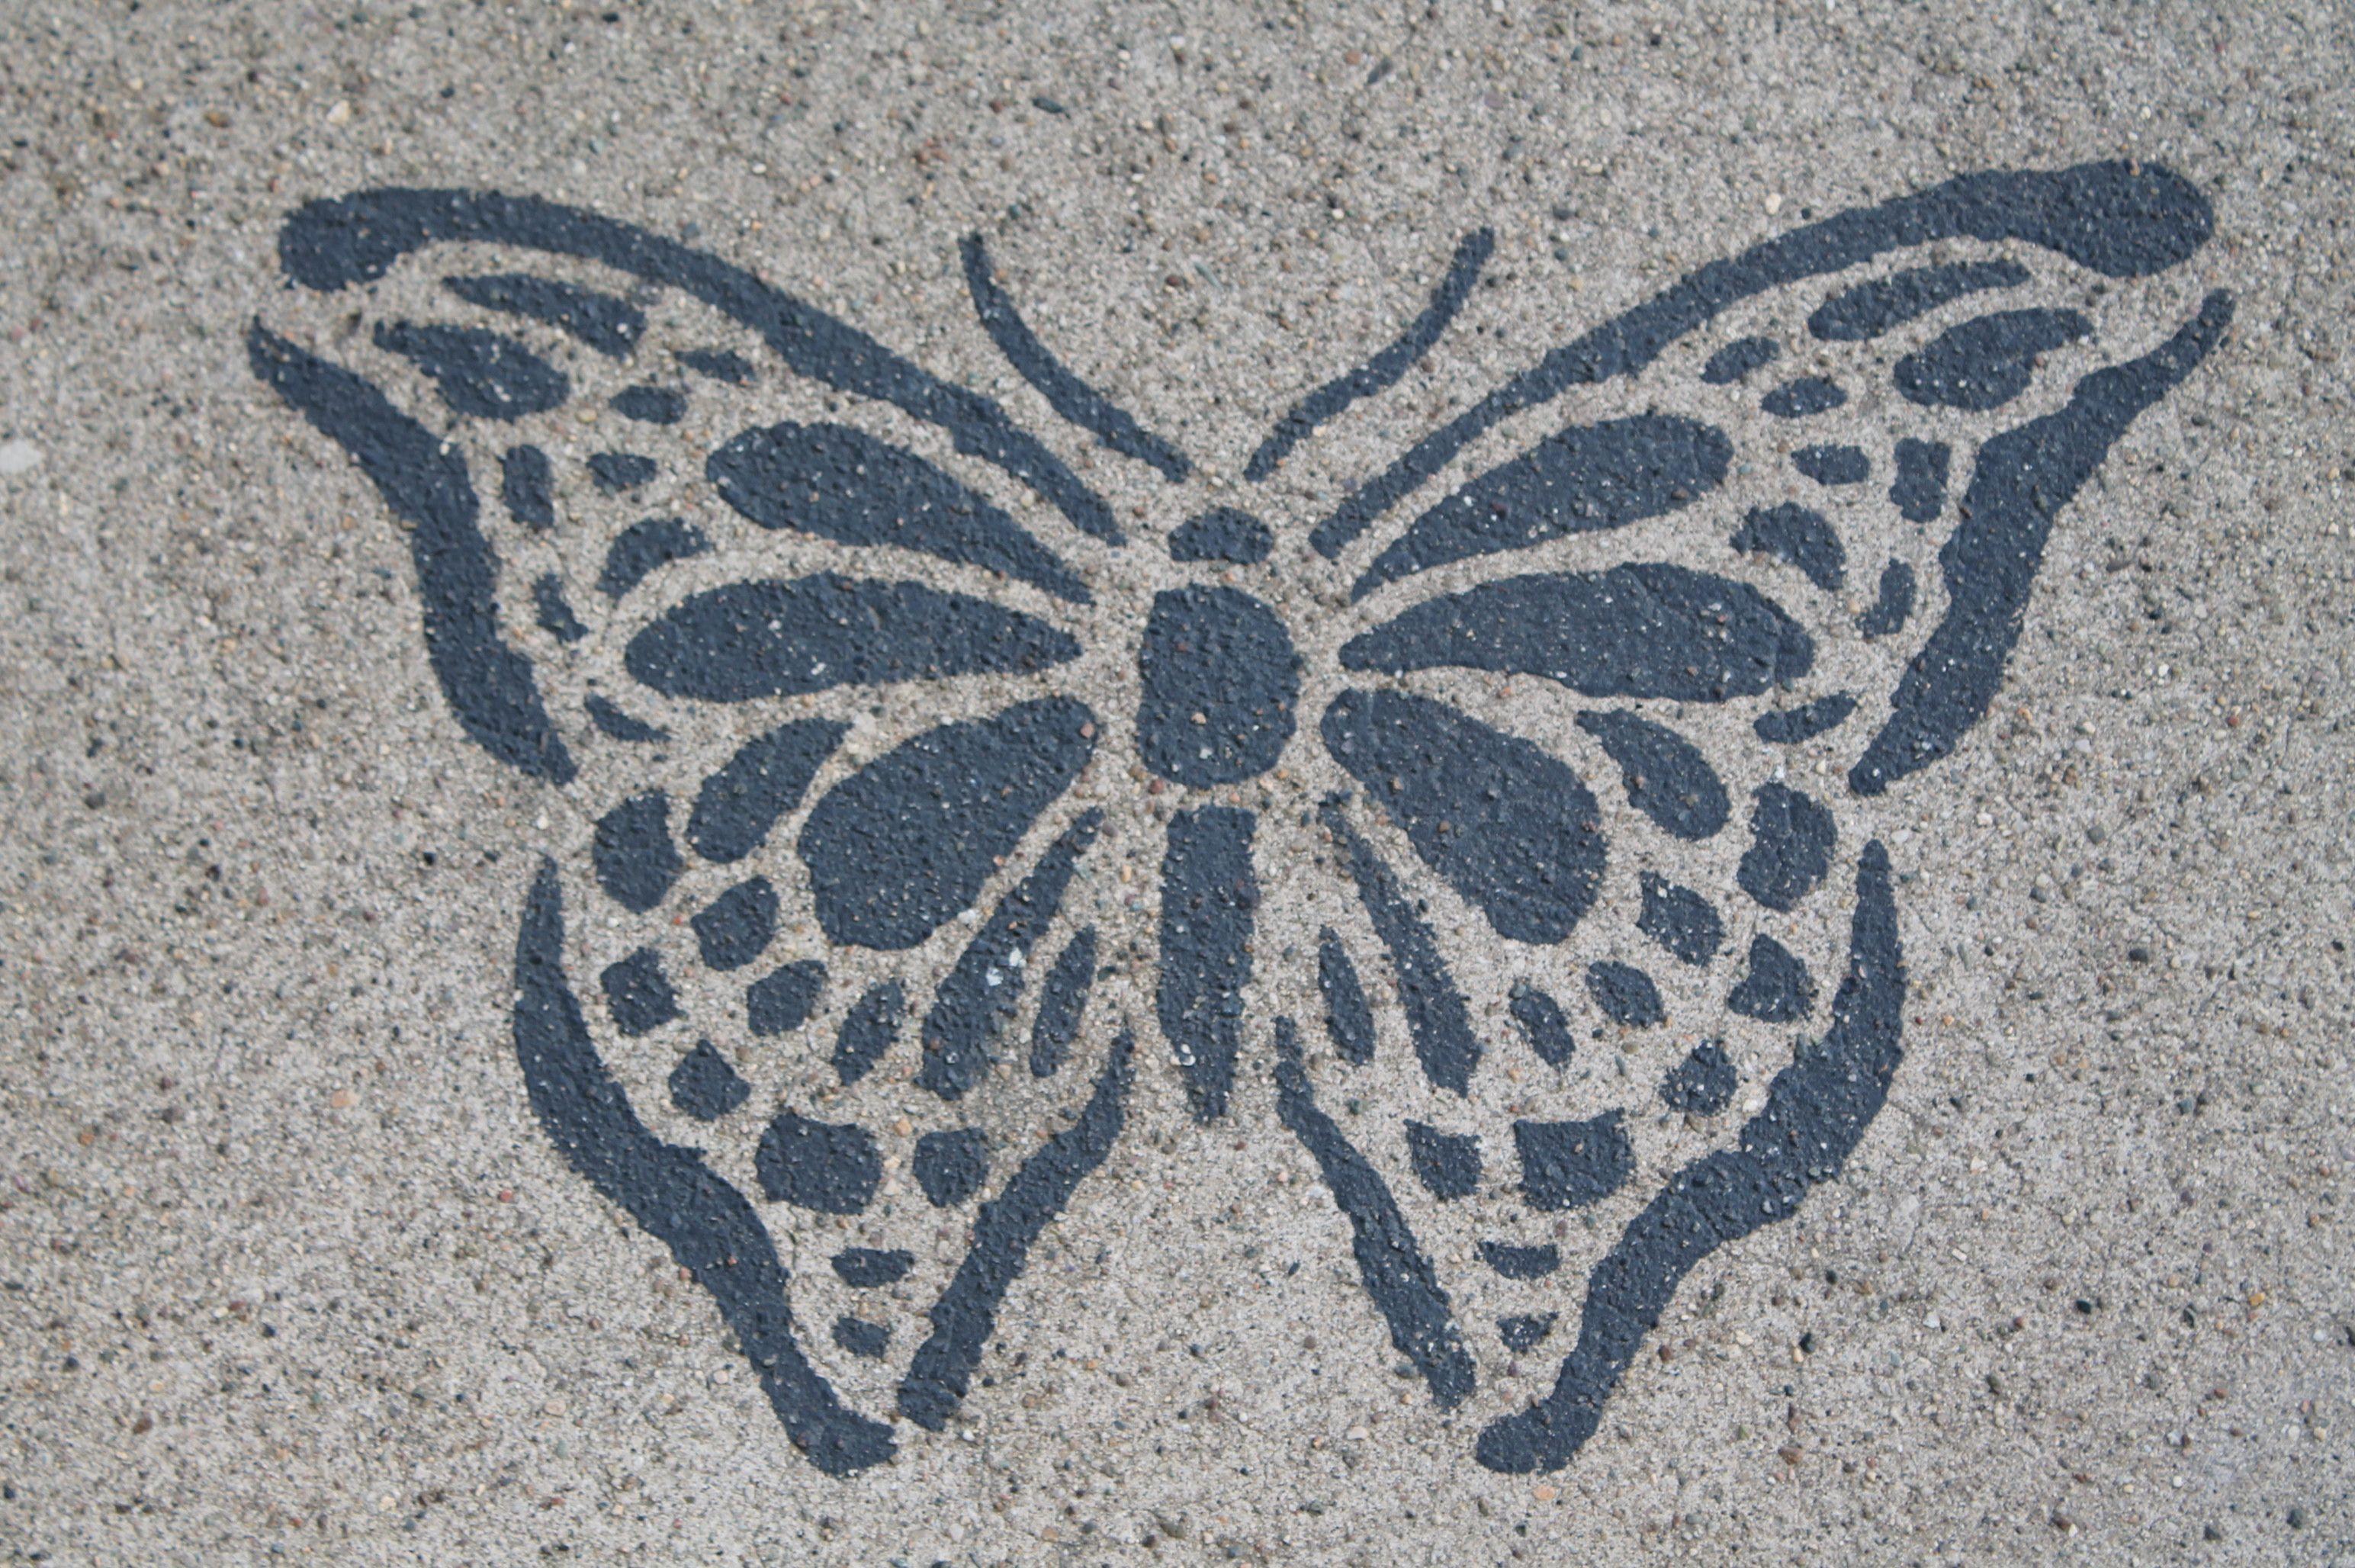 It's a street butterfly